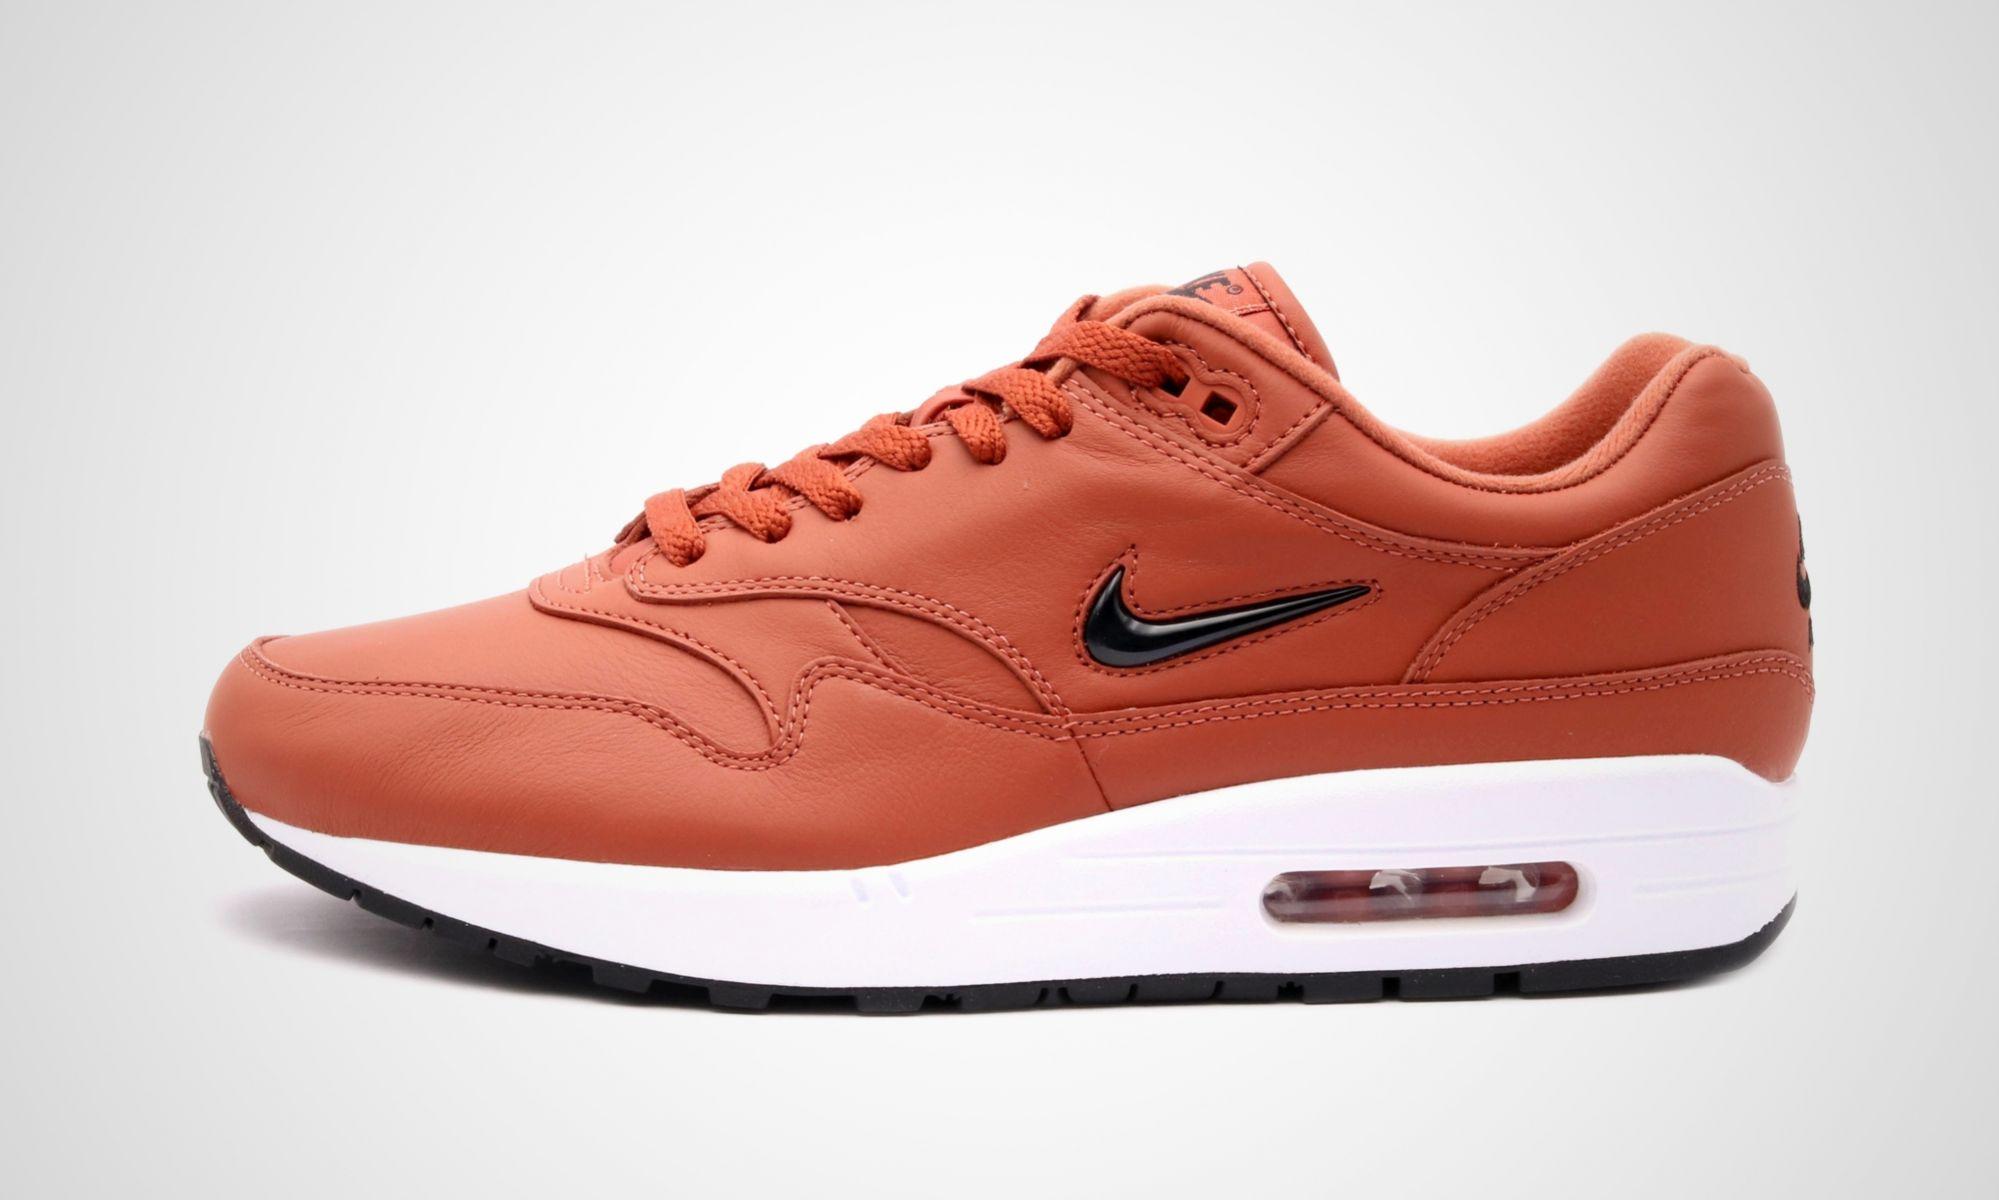 Air Max 1 Premium SC Jewel 'Dusty Peach' Nike 918354 200